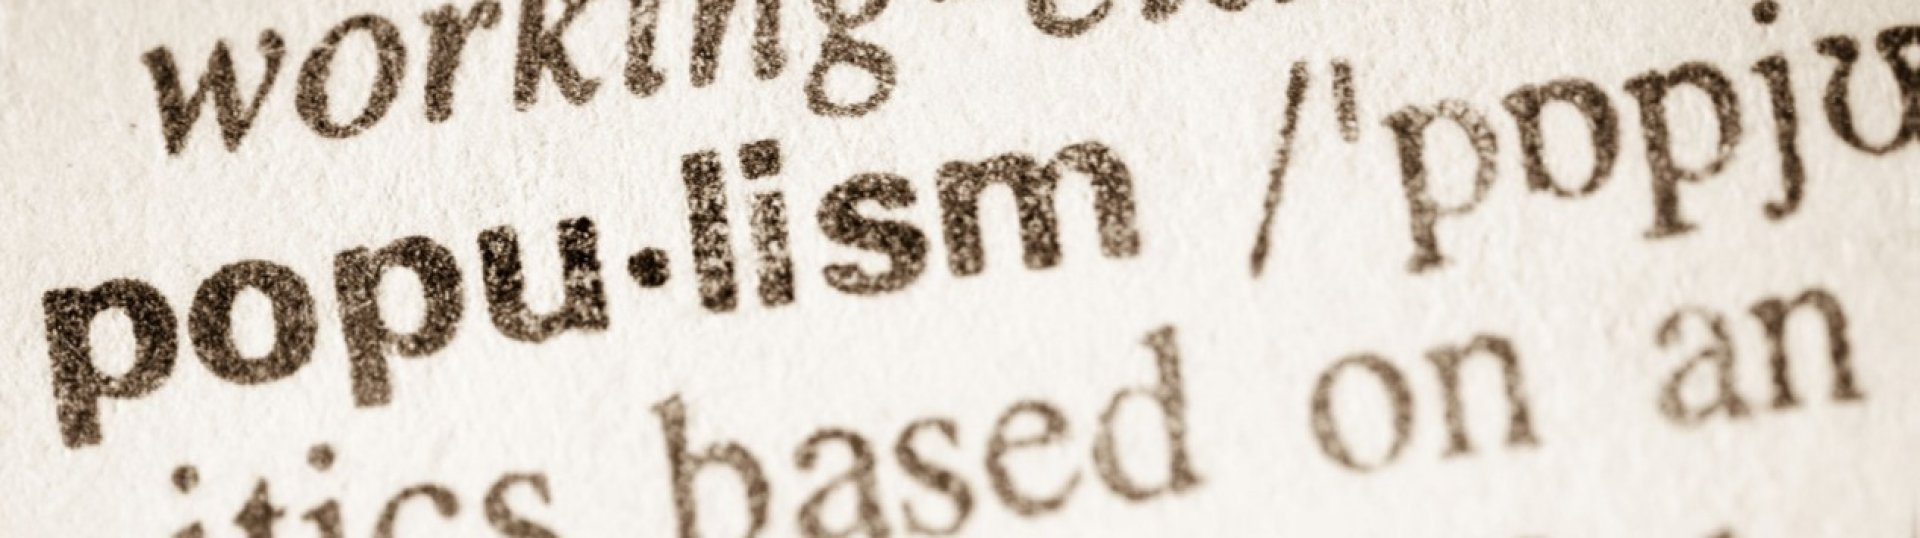 """Bemutattuk a """"Populizmus helyzete az Európai Unióban"""" című évkönyvünket"""